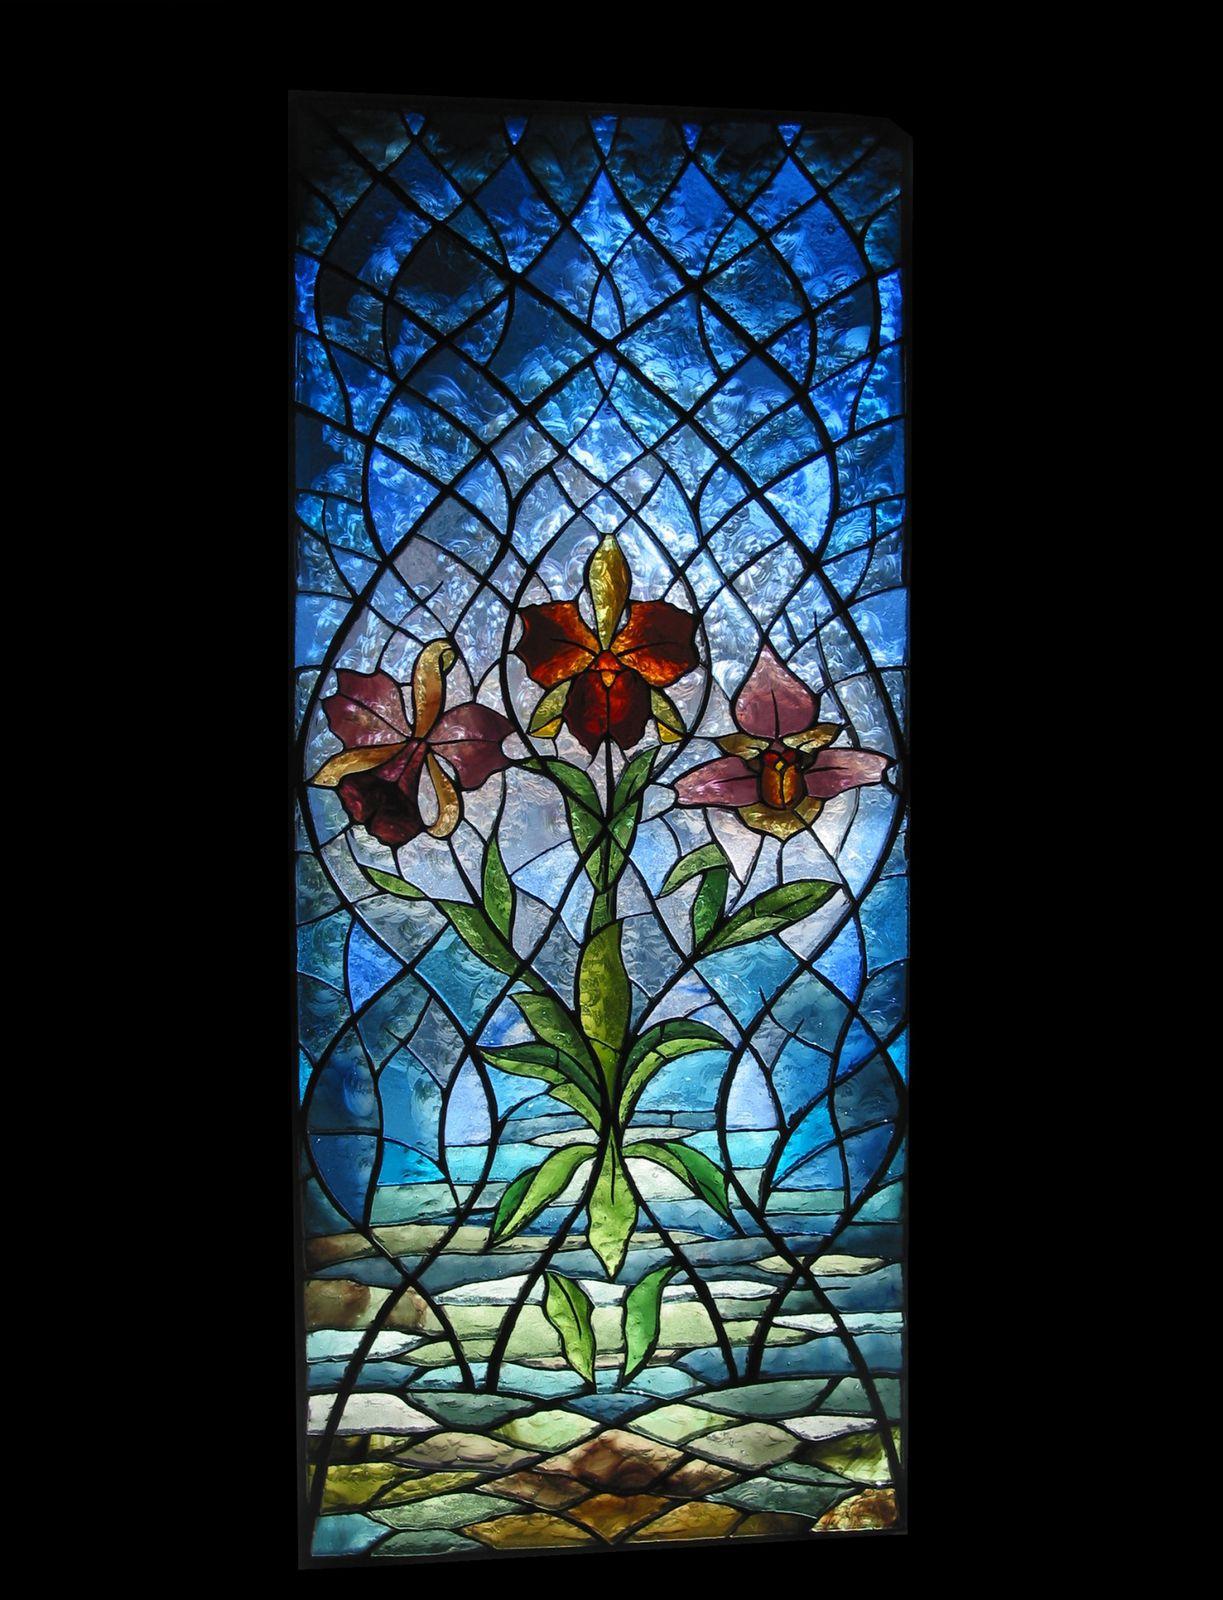 Oeuvres les possibilités d installation de vitraux Vitraux Deniau Atelier de création de